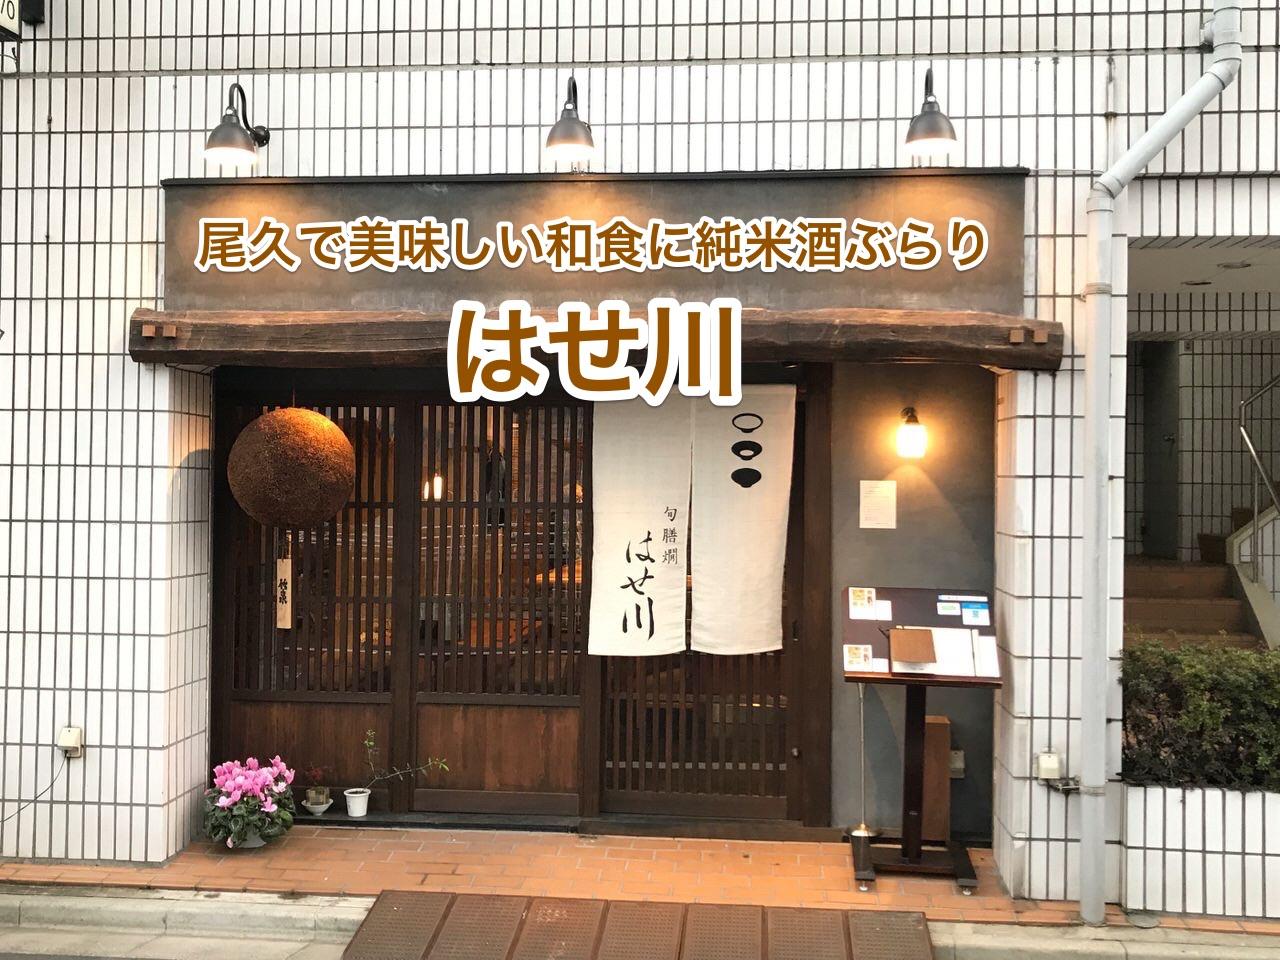 「旬 膳 燗 はせ川」美味しい旬の食事に純米酒ぶらり(尾久)